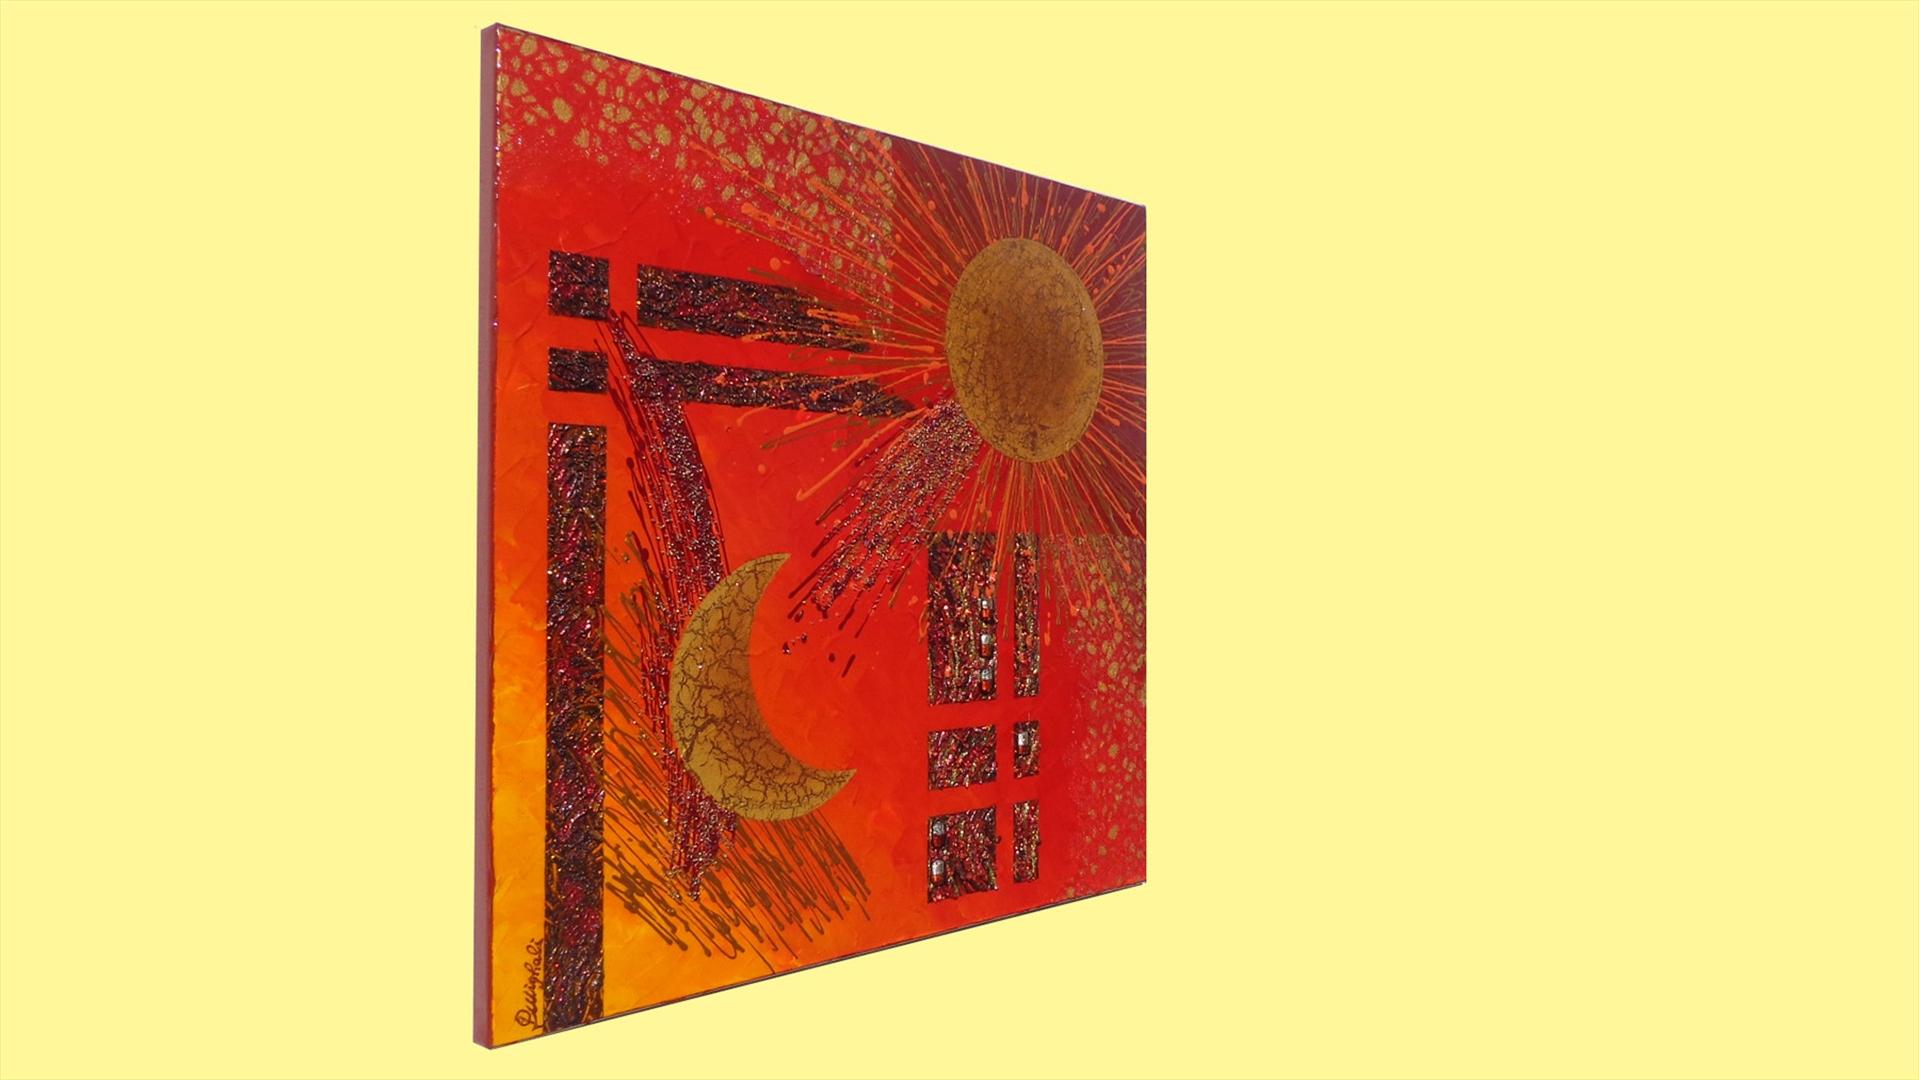 Sole e luna in rosso vendita quadri online quadri for Quadri astratti vendita